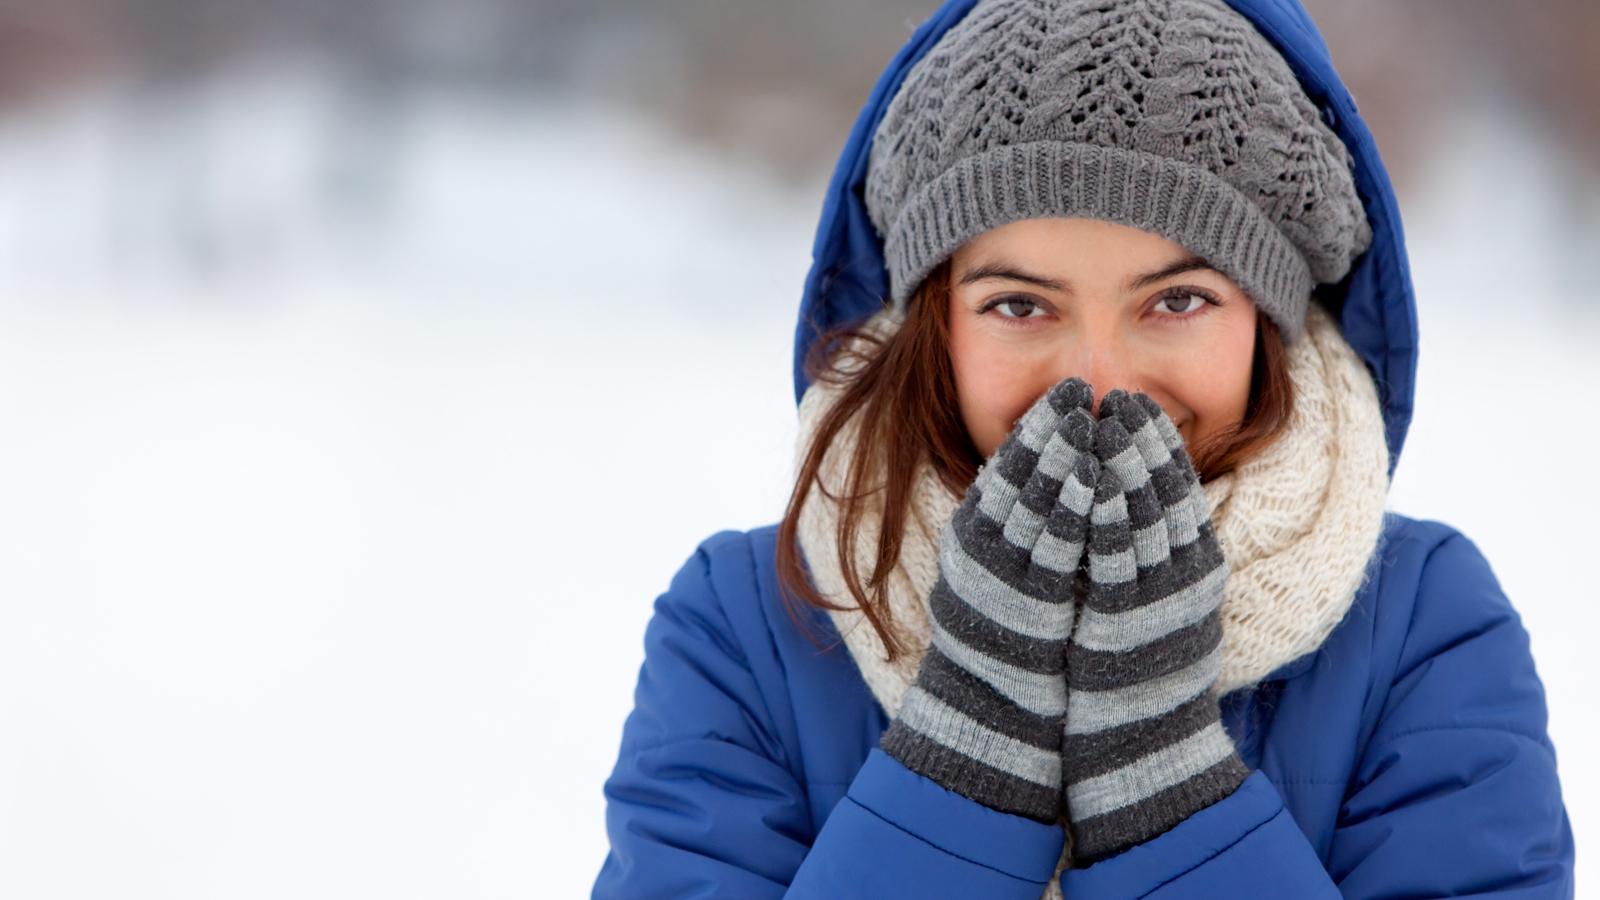 Thời tiết lạnh có tác dụng bất ngờ với sức khỏe